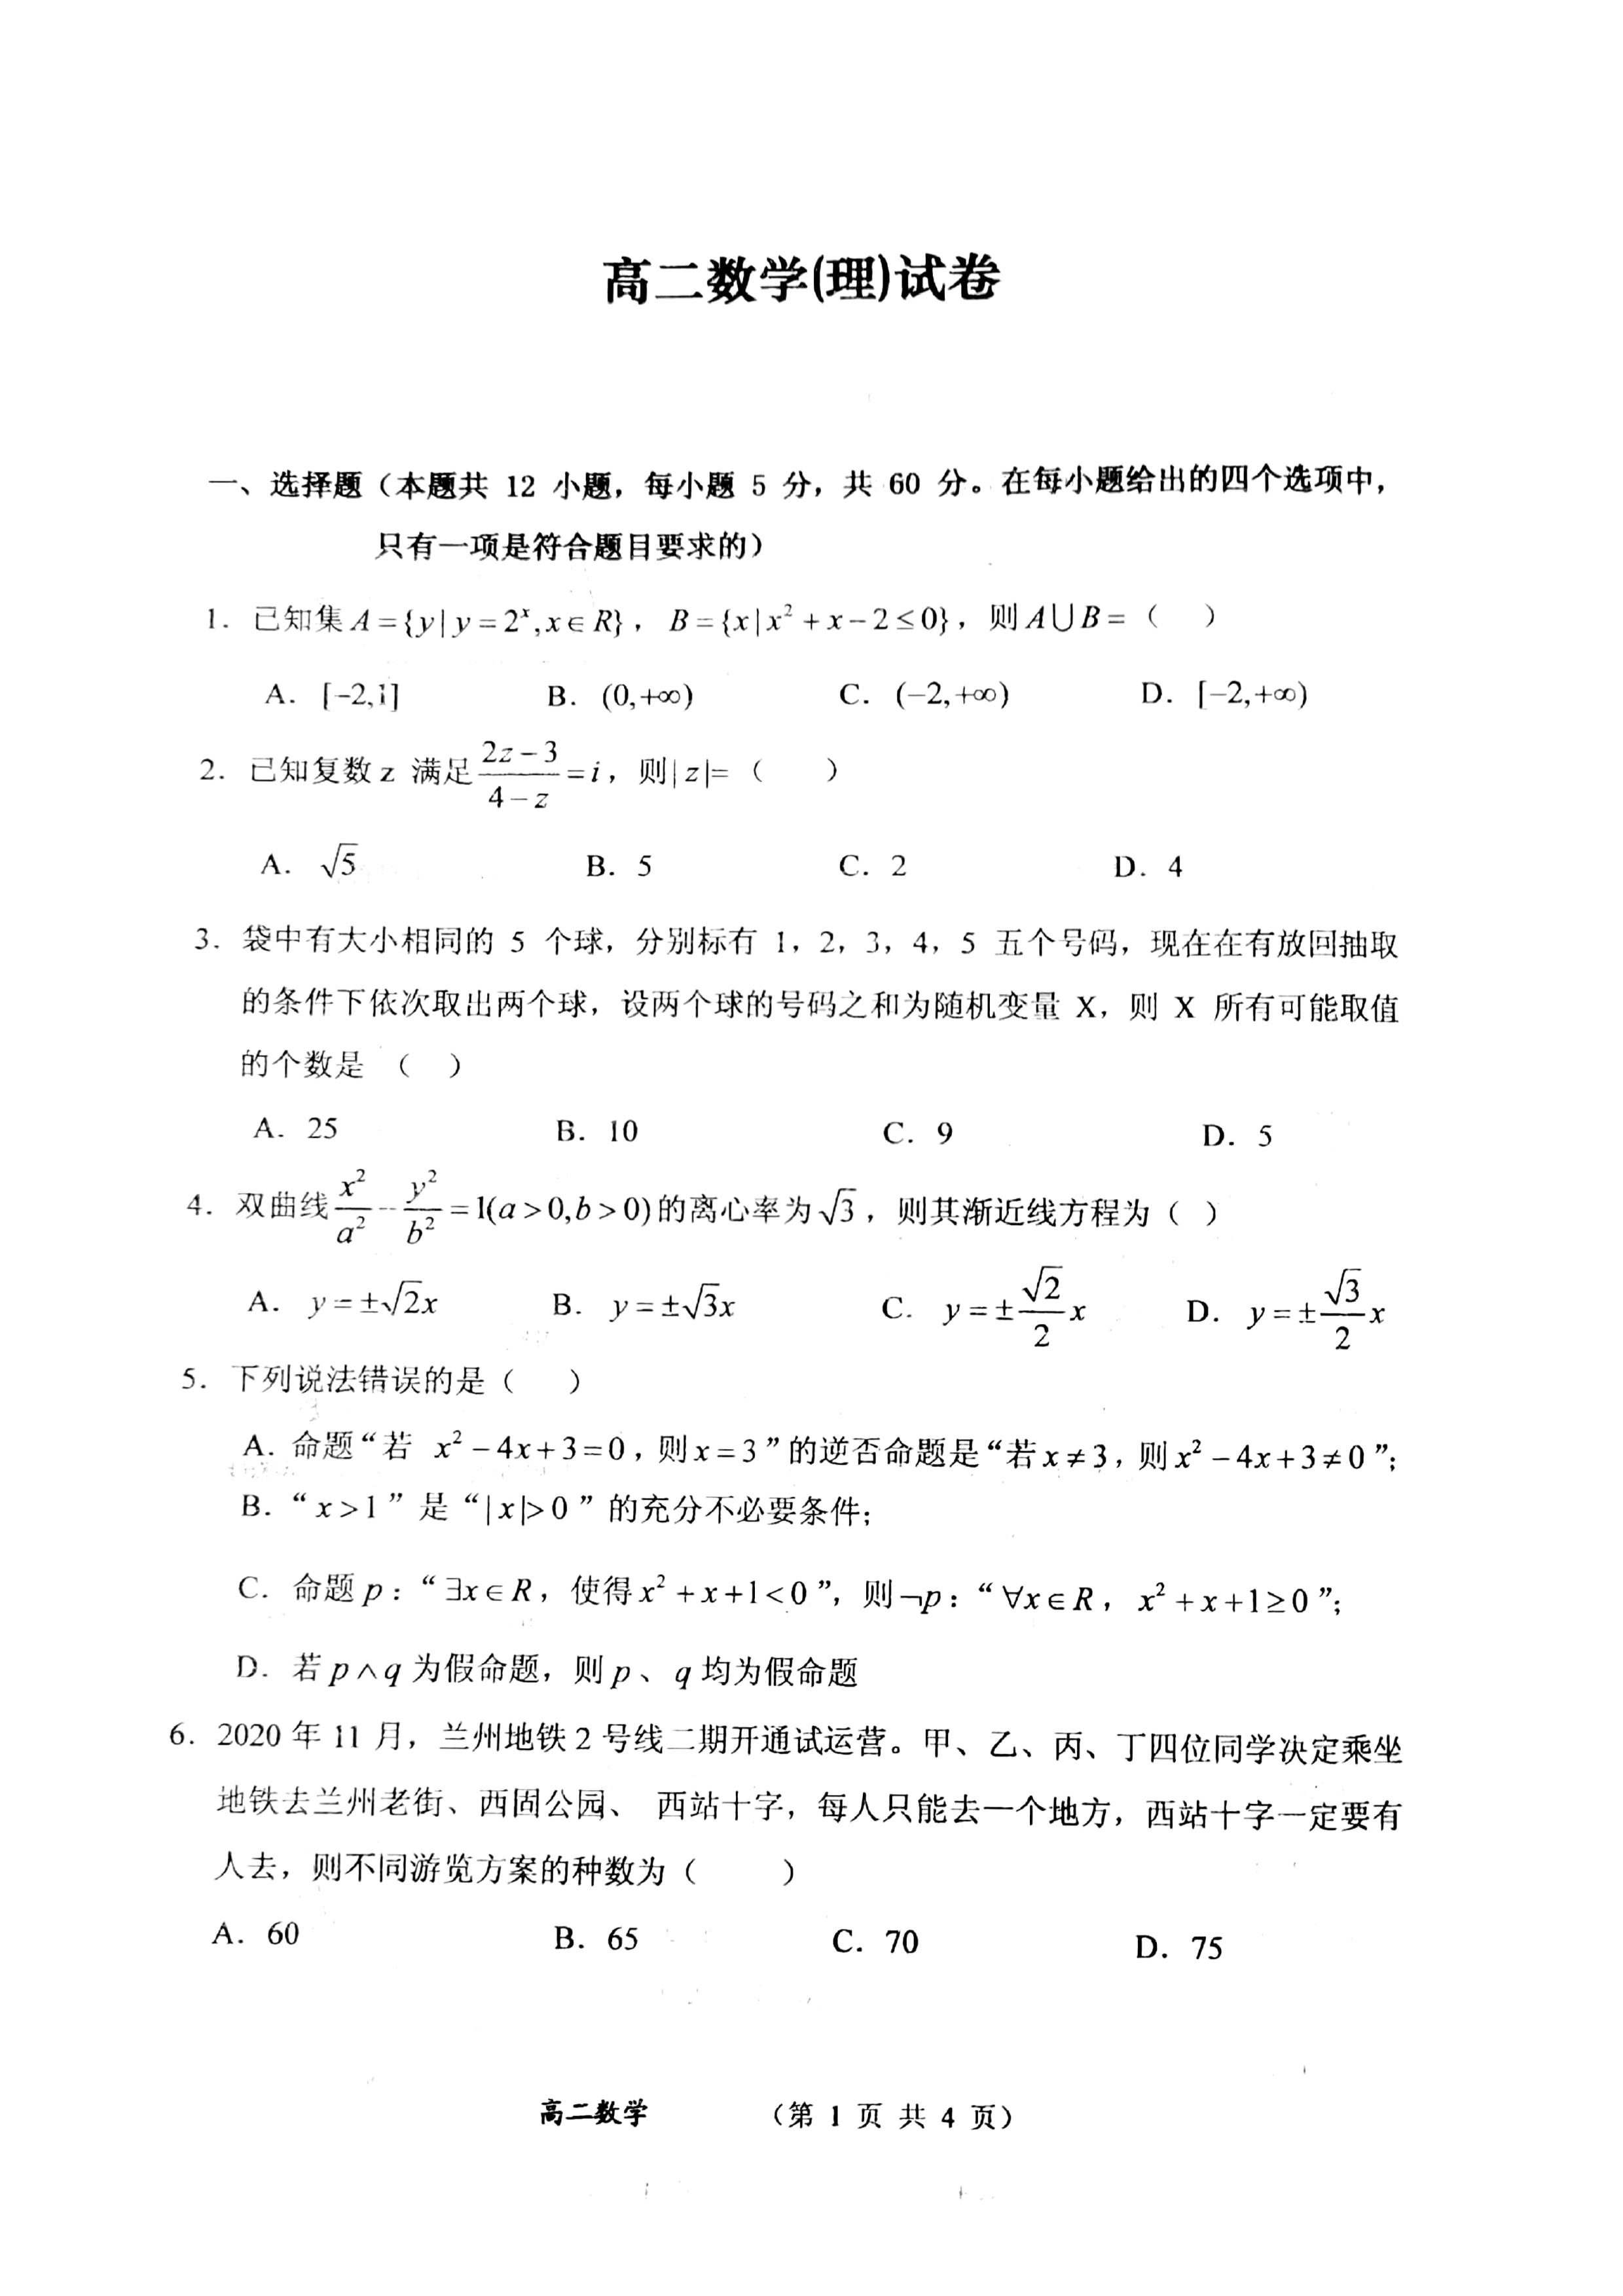 山西省晋中市平遥县第二中学校2020-2021学年高一下学期6月周练(七)数学试题 Word版含答案